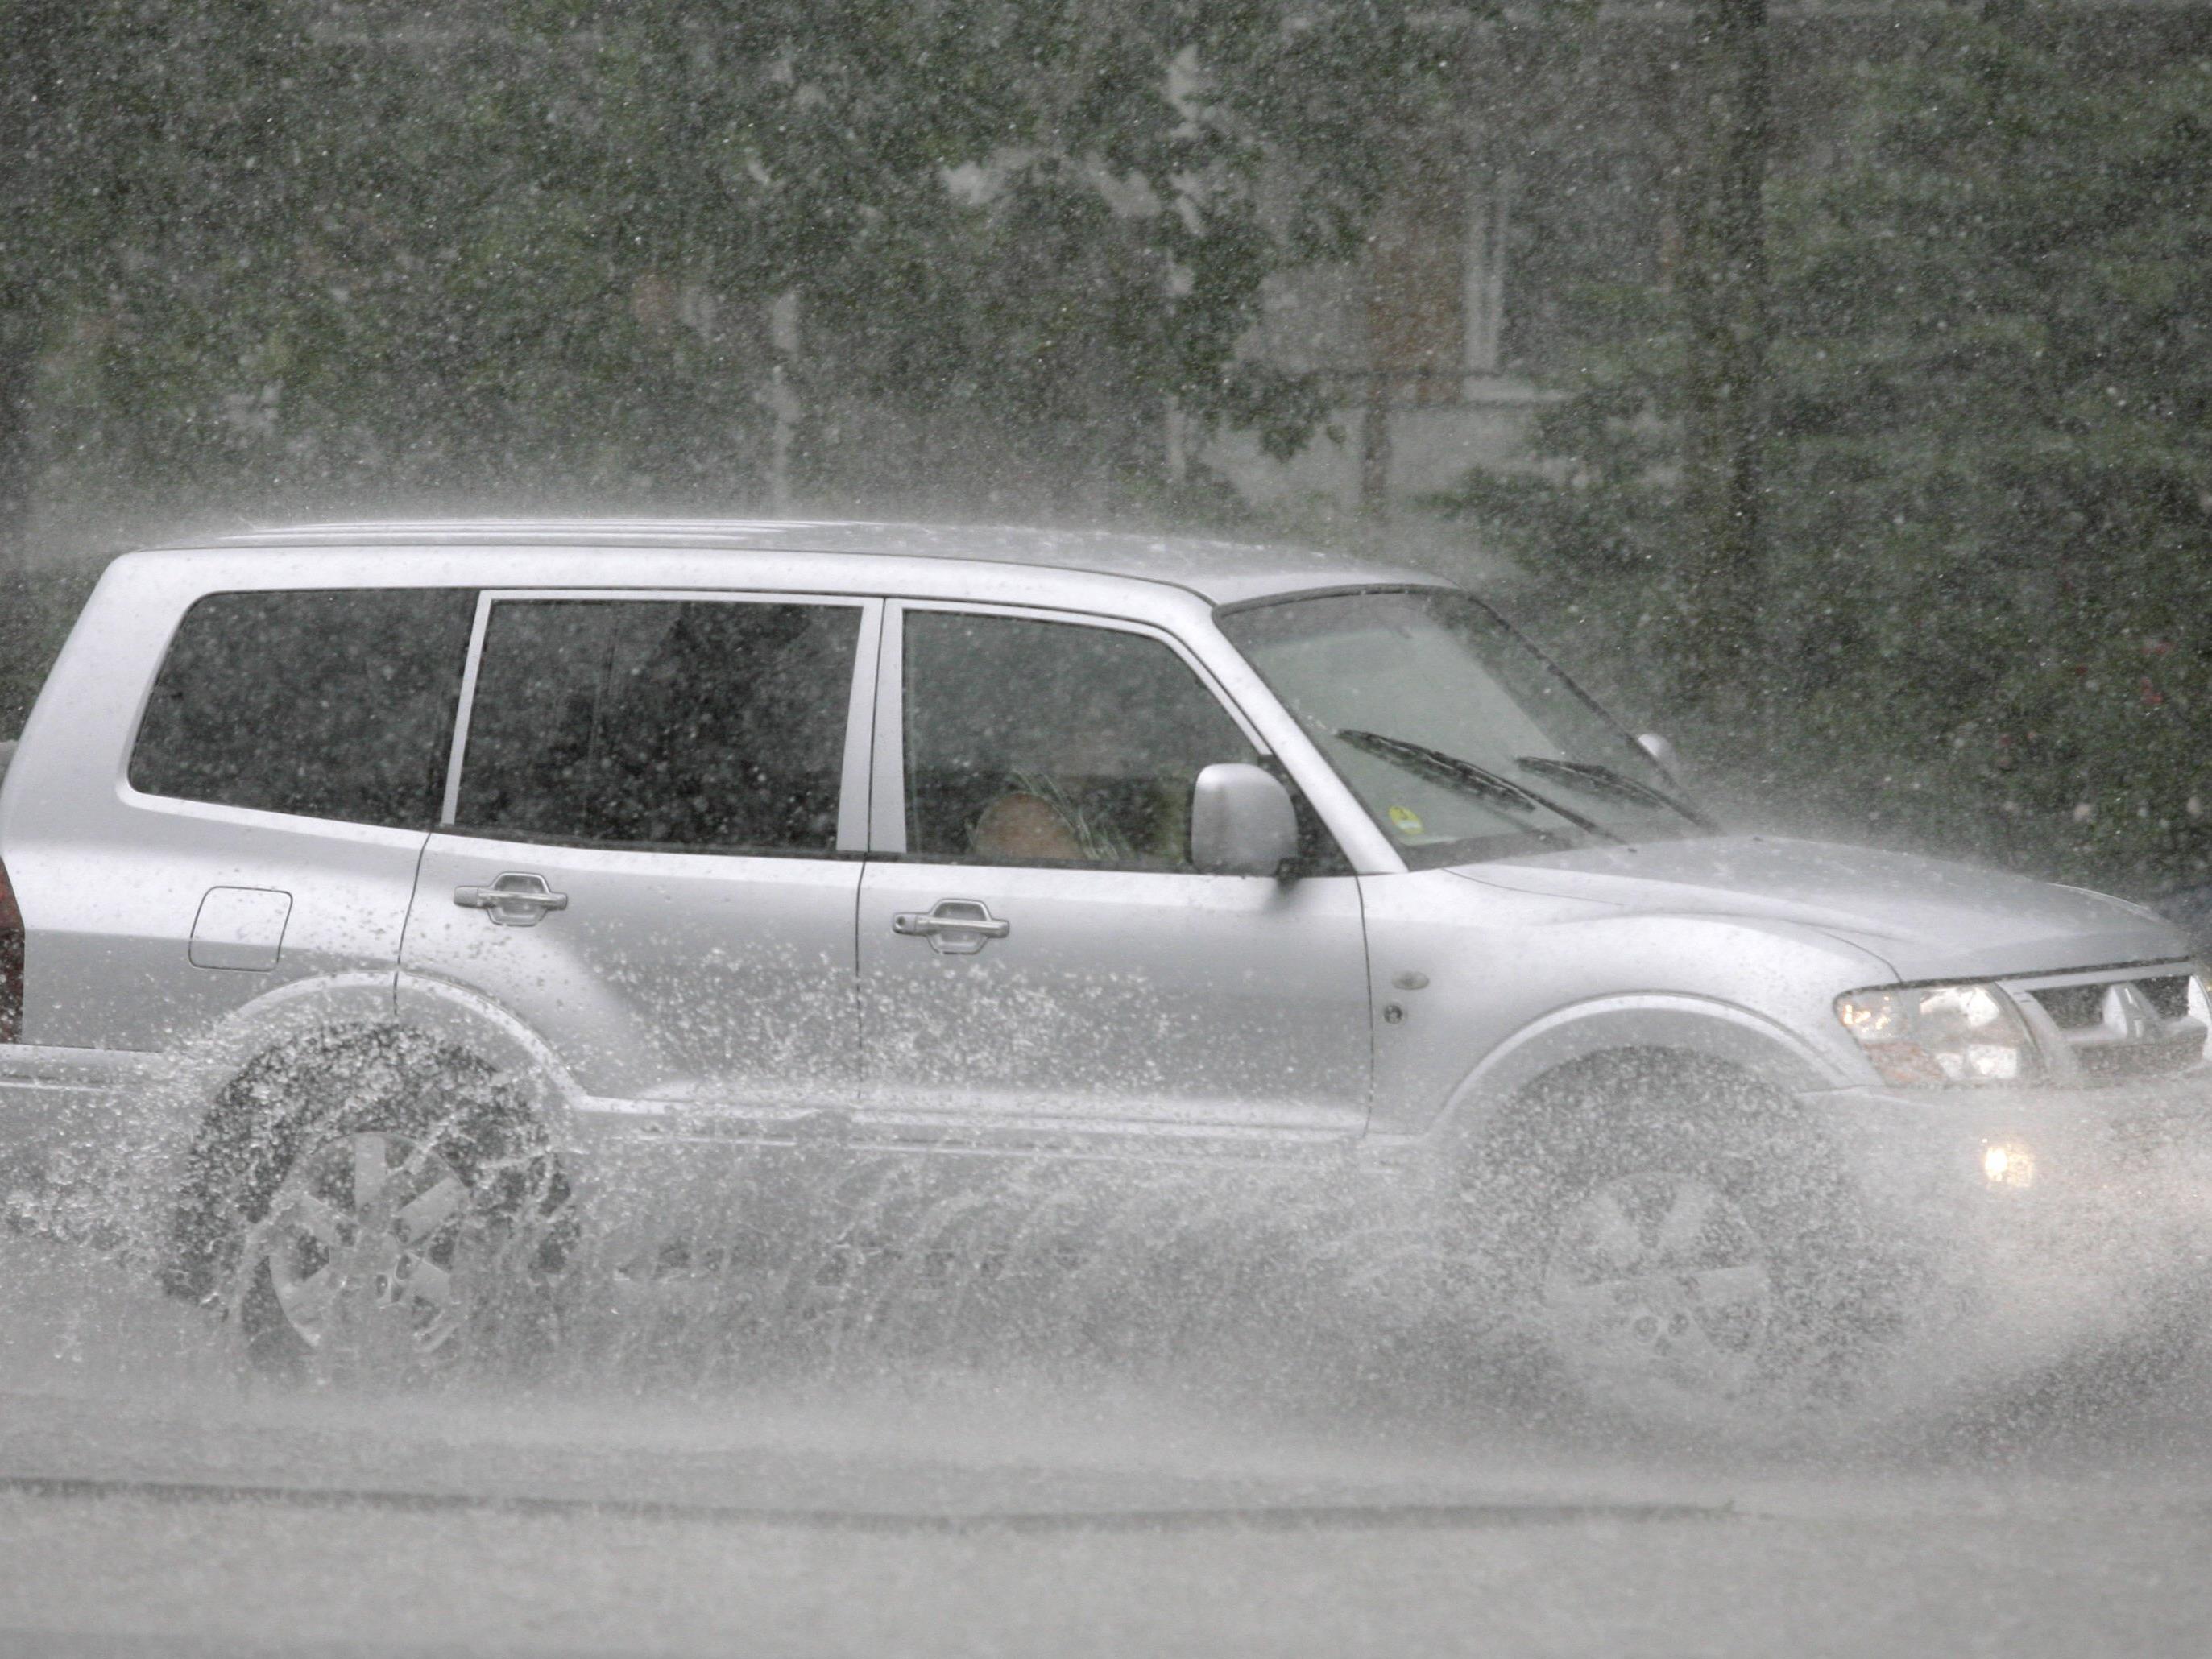 Schlechtes Wetter erhöht das Unfallrisiko im Straßenverkehr.Schlechtes Wetter erhöht das Unfallrisiko im Straßenverkehr.